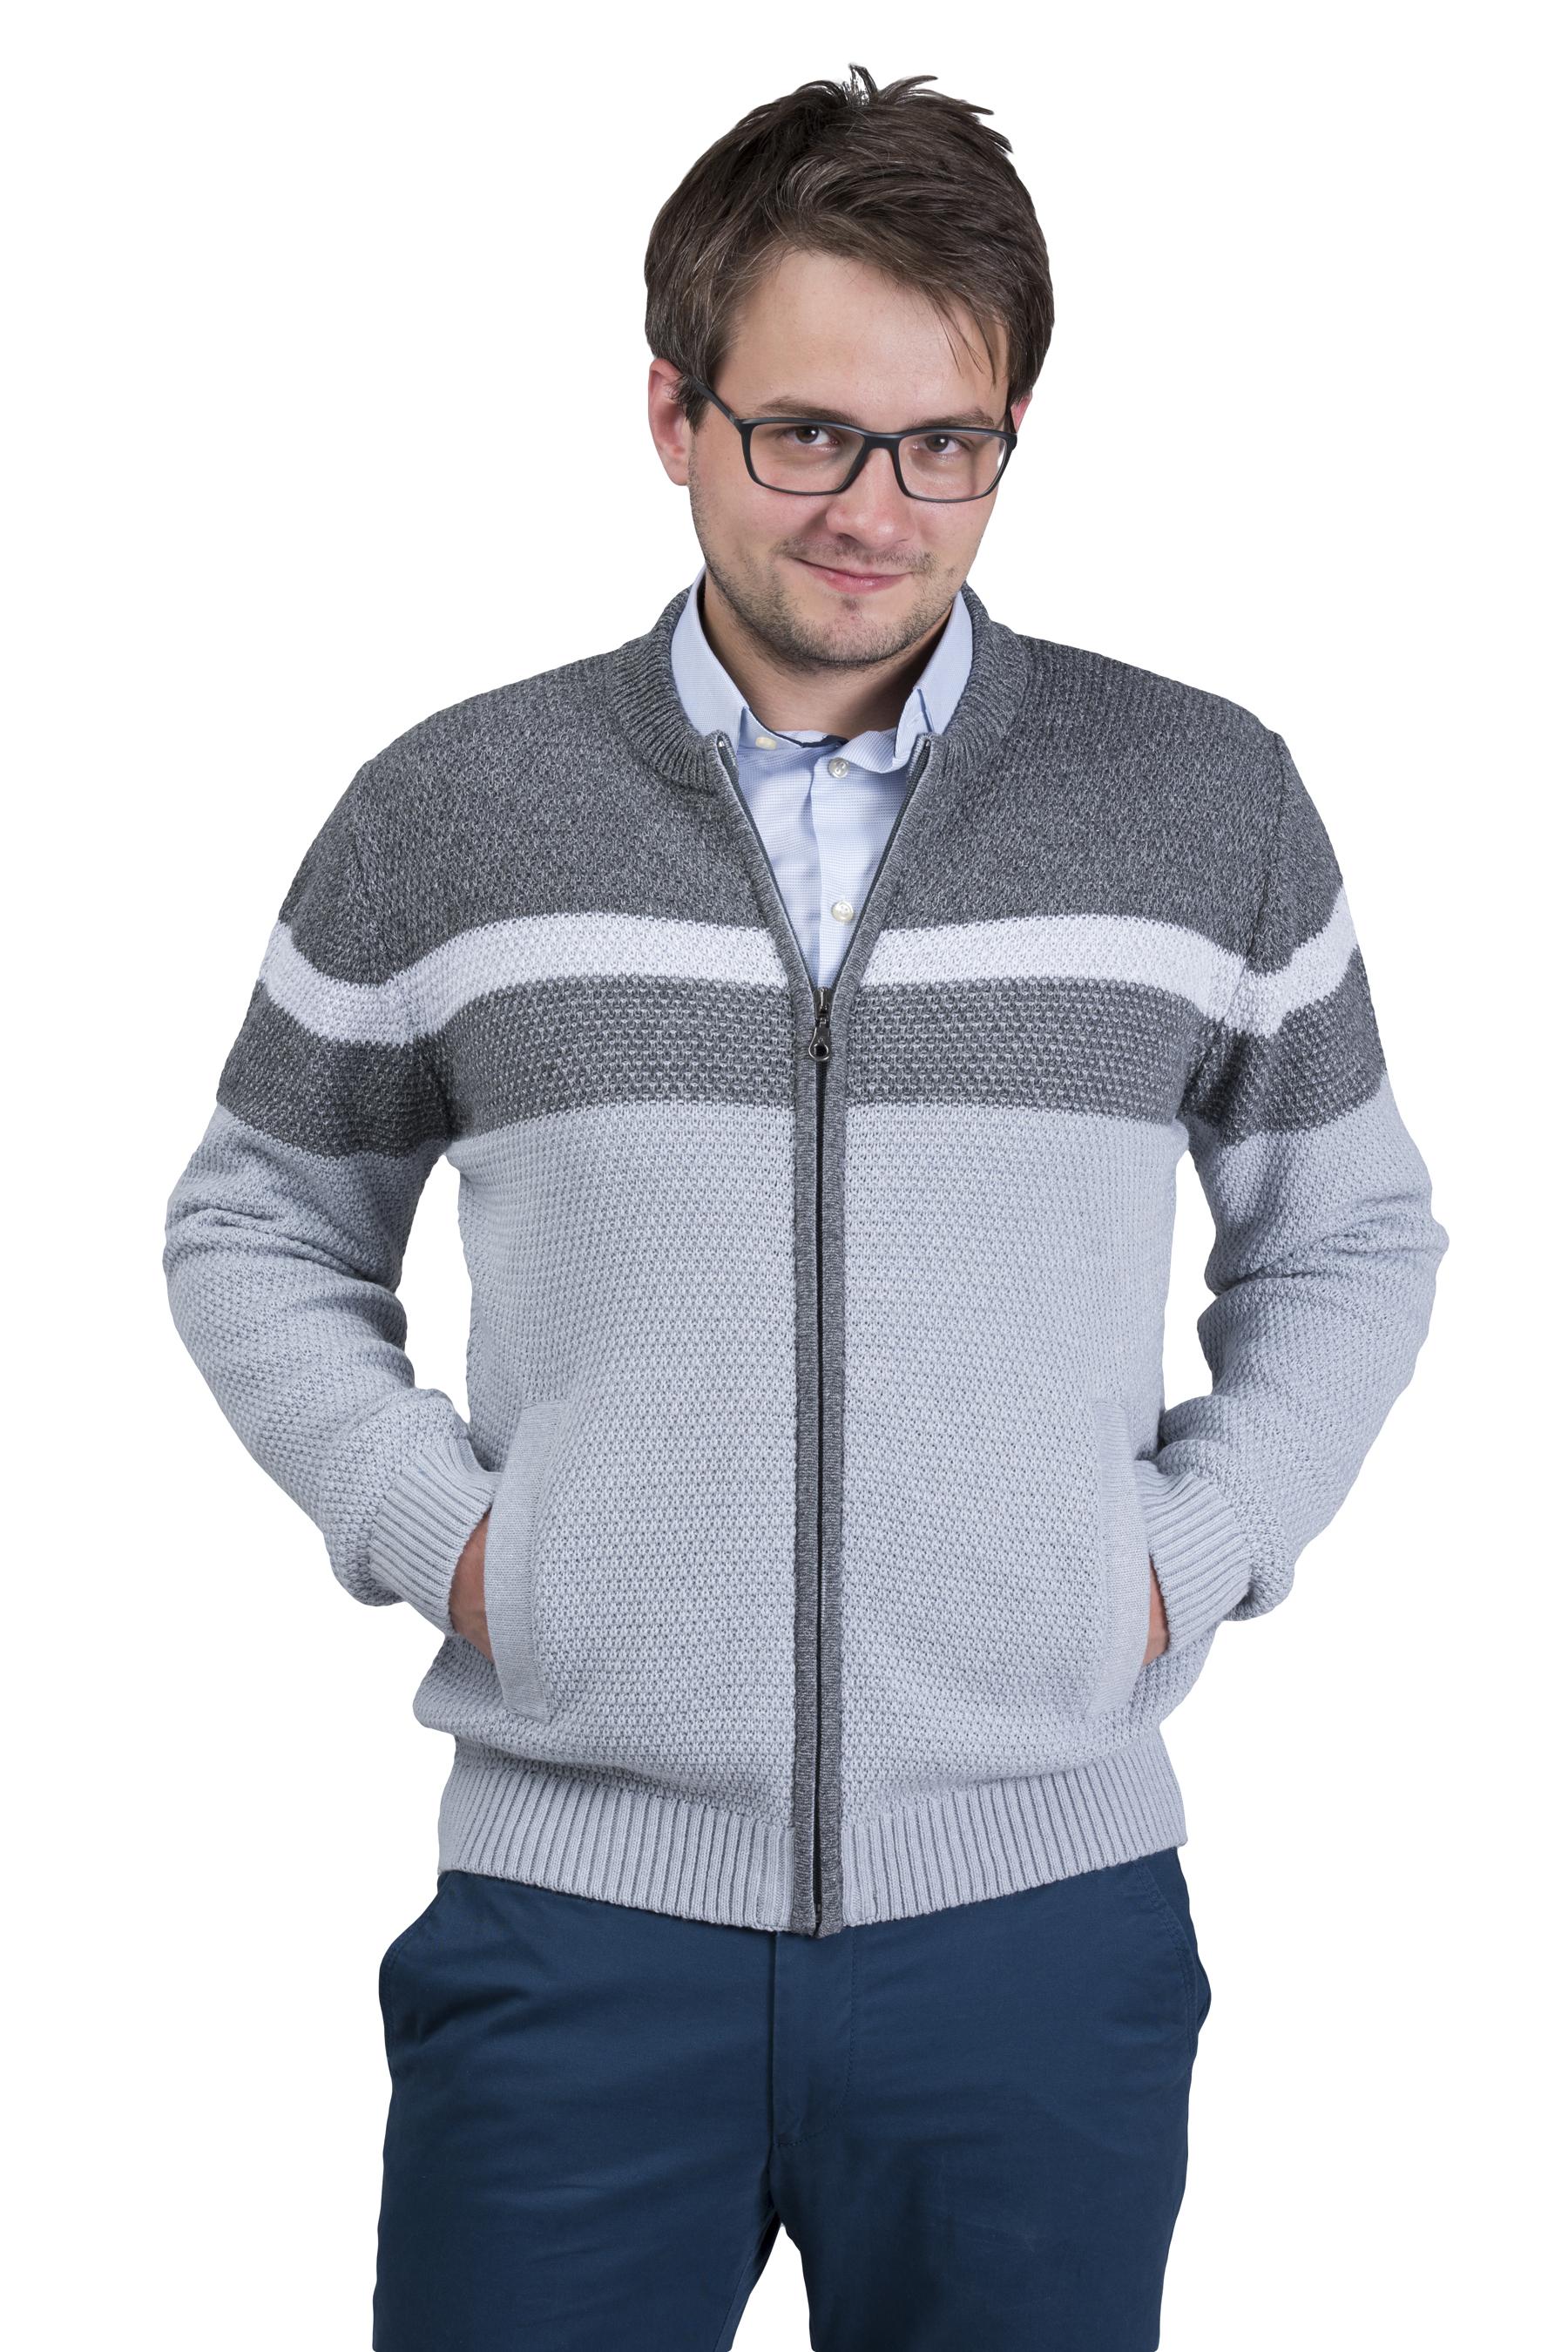 swetry męskie na zamek monika lasota